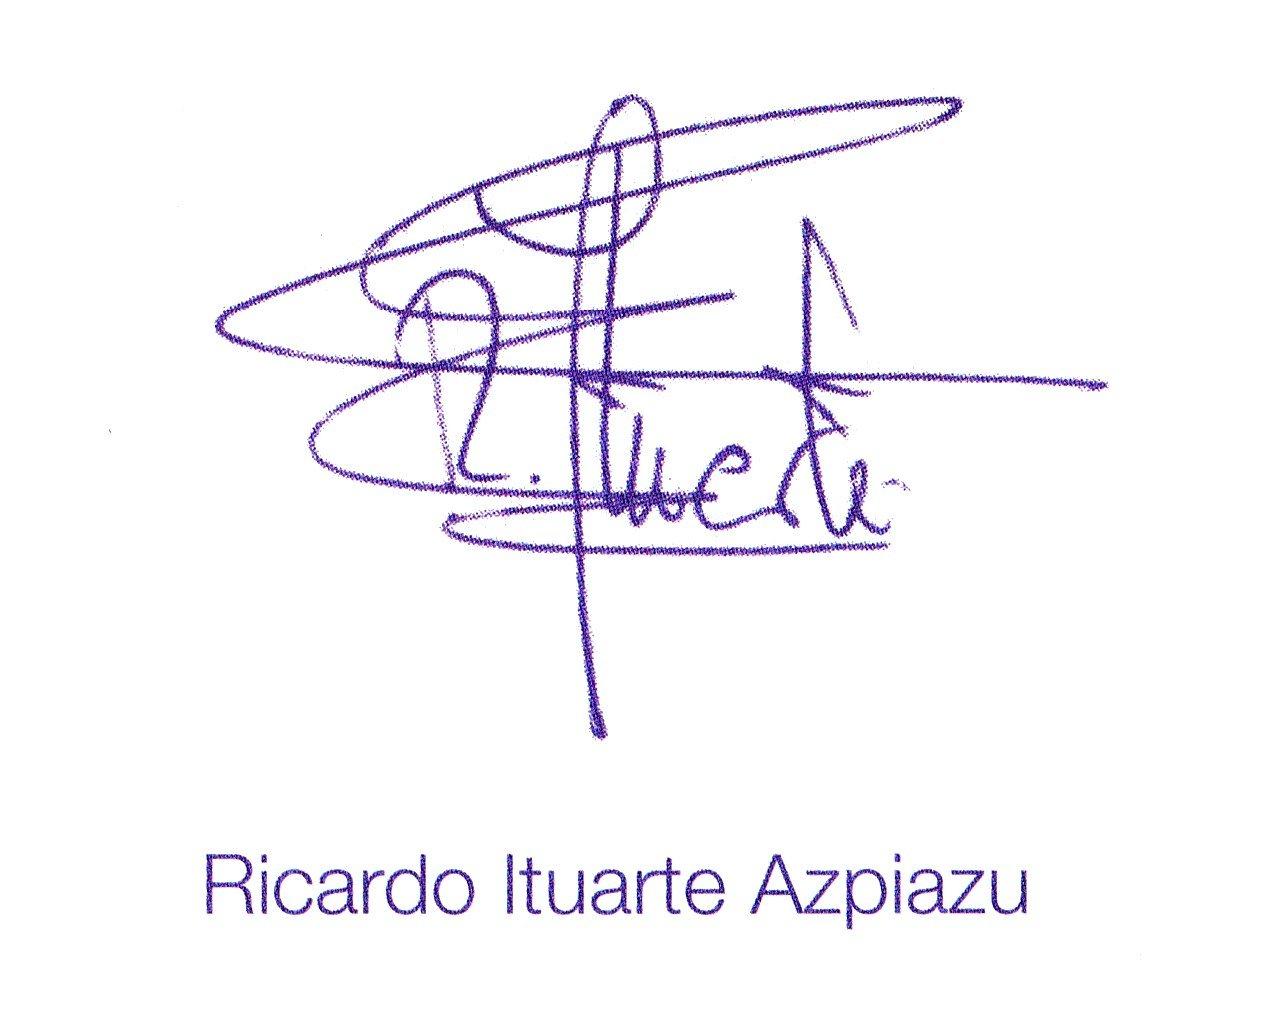 Firma Alcalde - Ricardo Ituarte